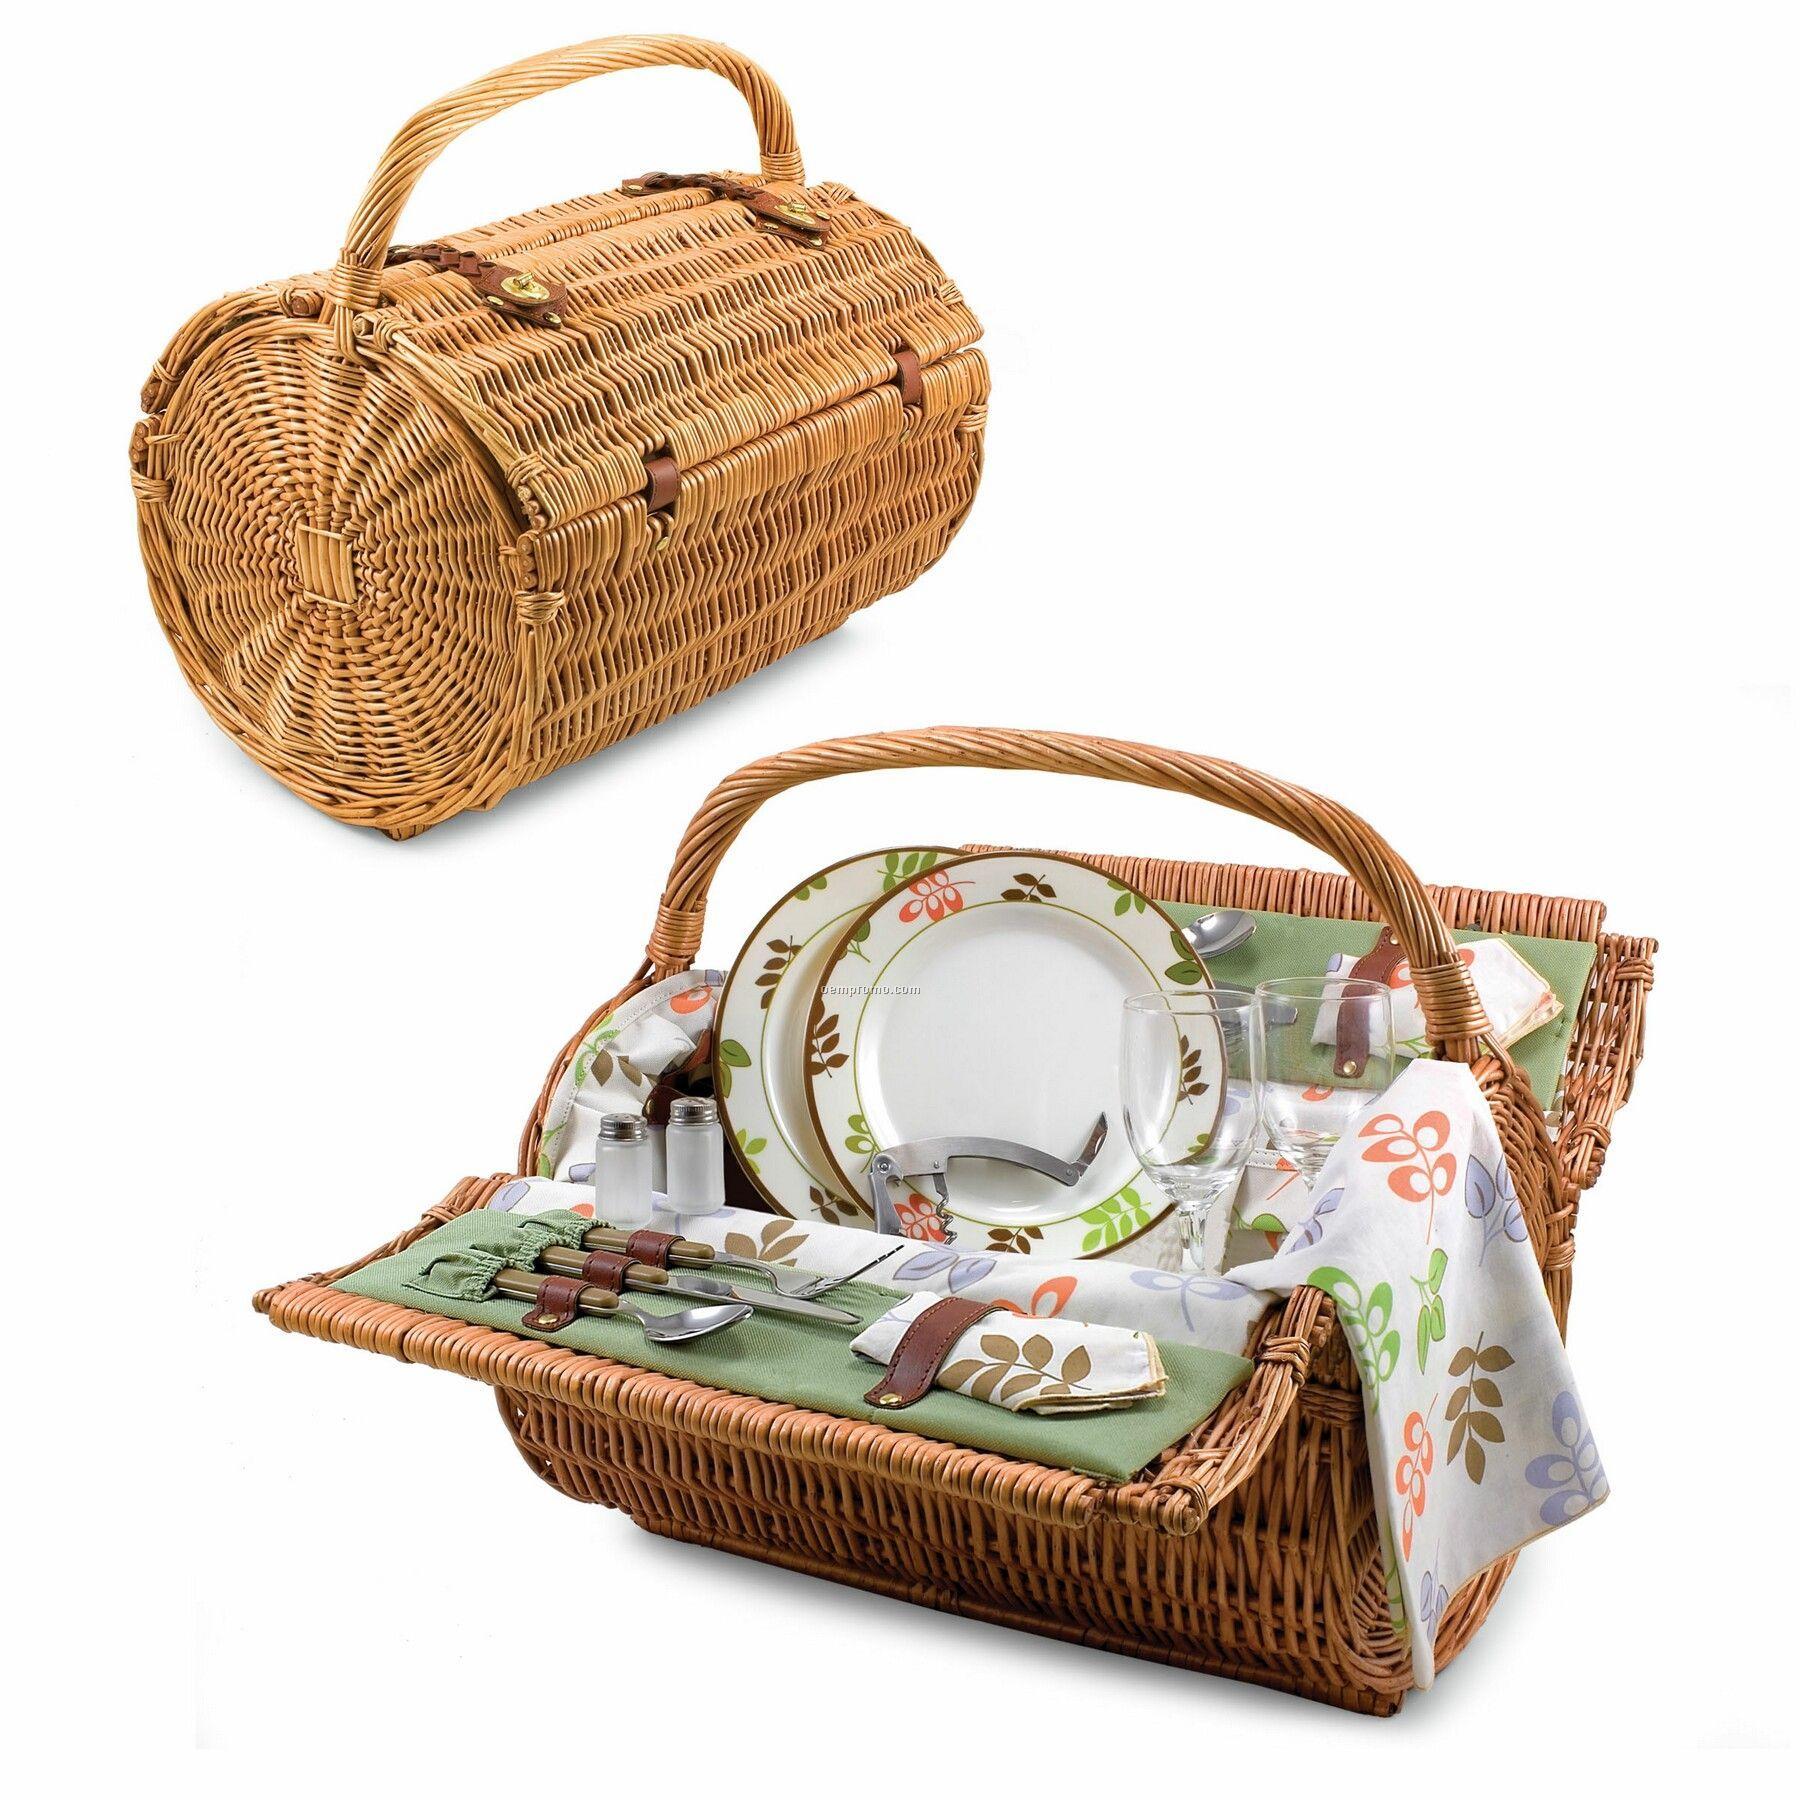 """Botanica 18"""" Barrel Picnic Basket W/ Service For 2 (Floral Trim)"""